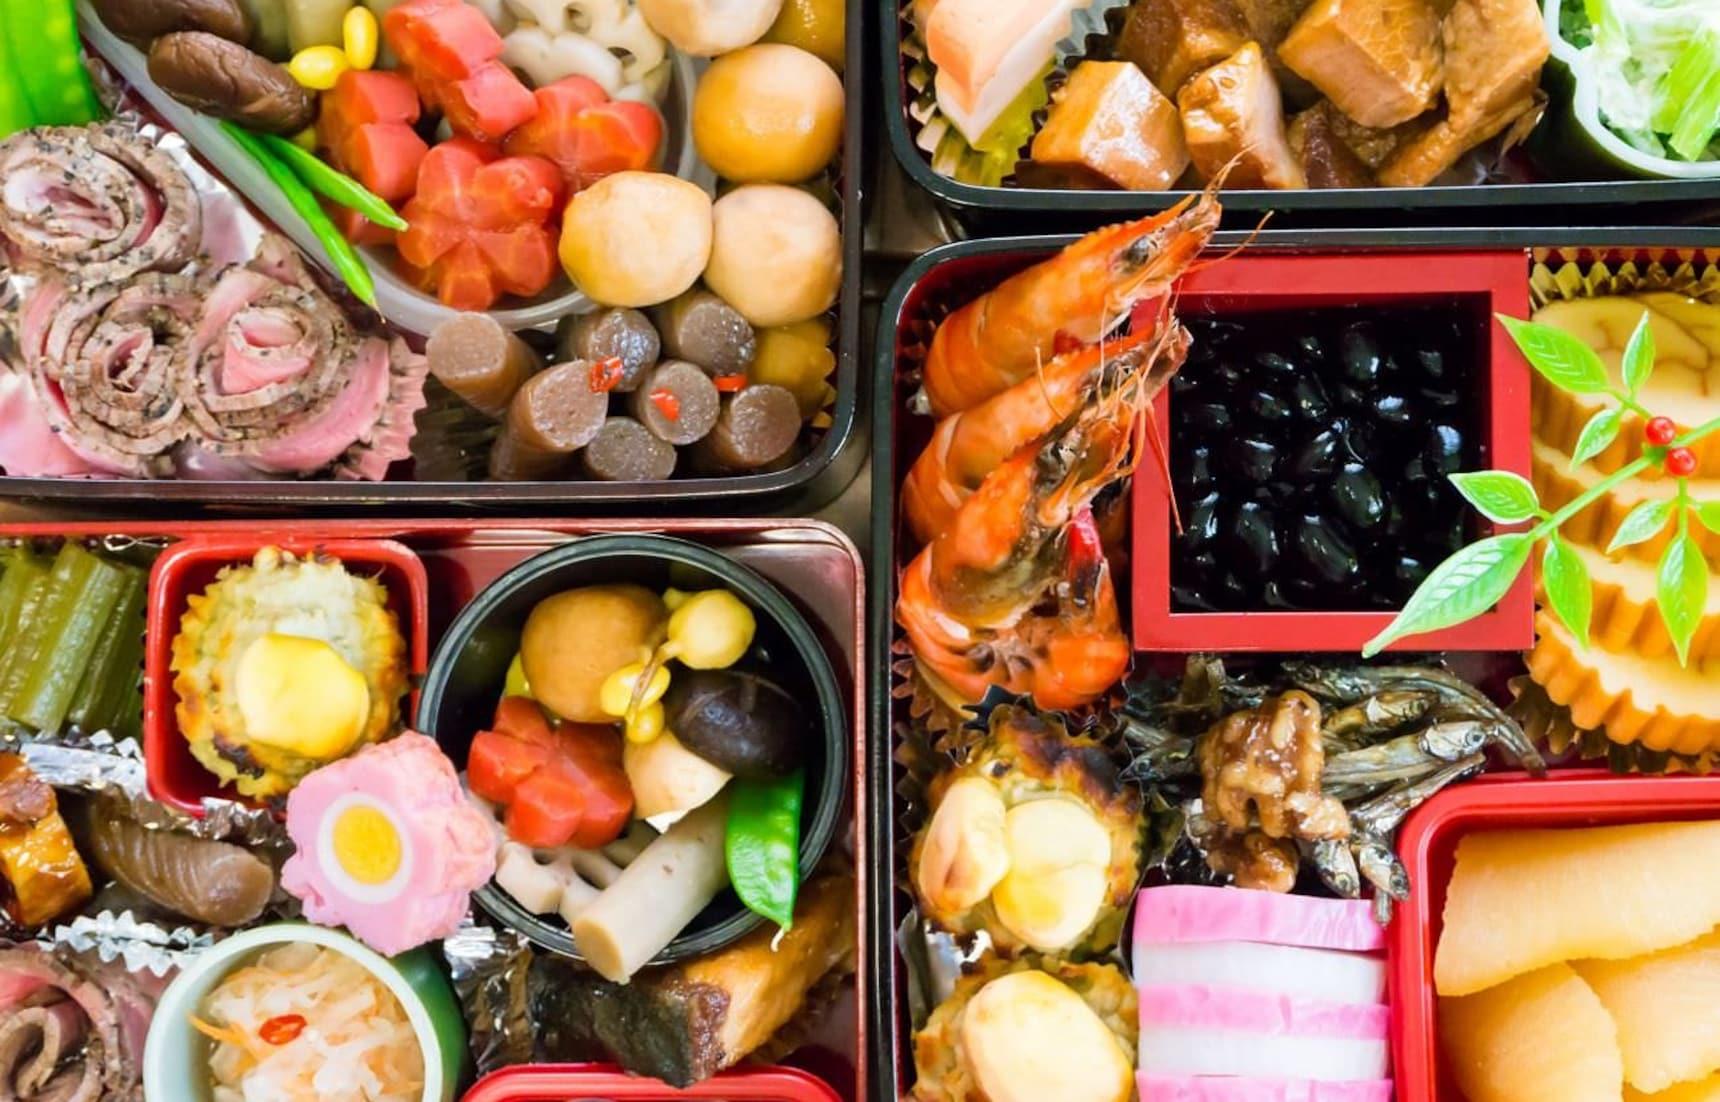 일본의 정월요리「오세치 요리」란 어떤 것인가?